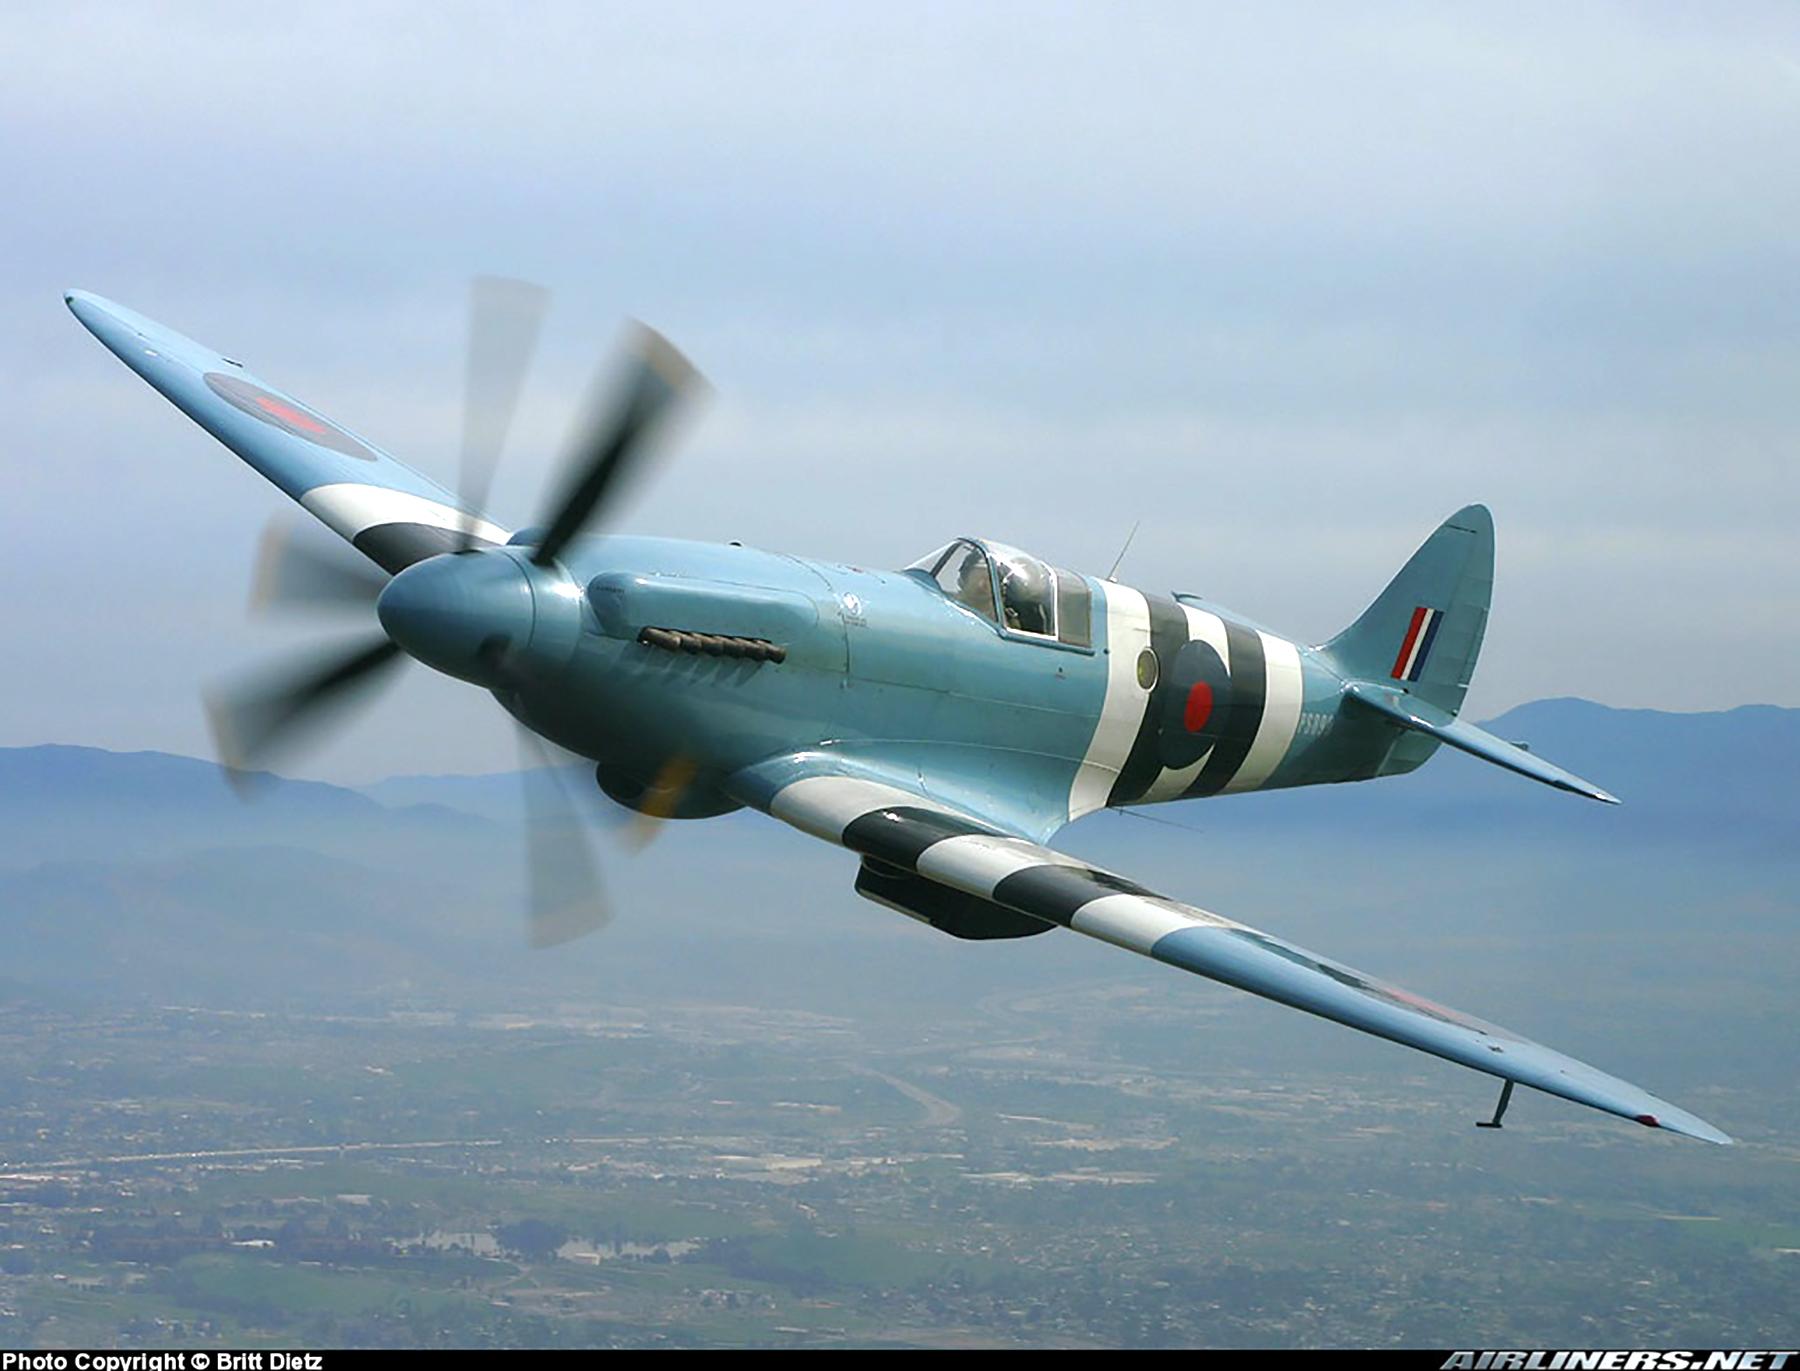 Airworthy Spitfire warbird PRXIX RAF PS890 F AZJS 05